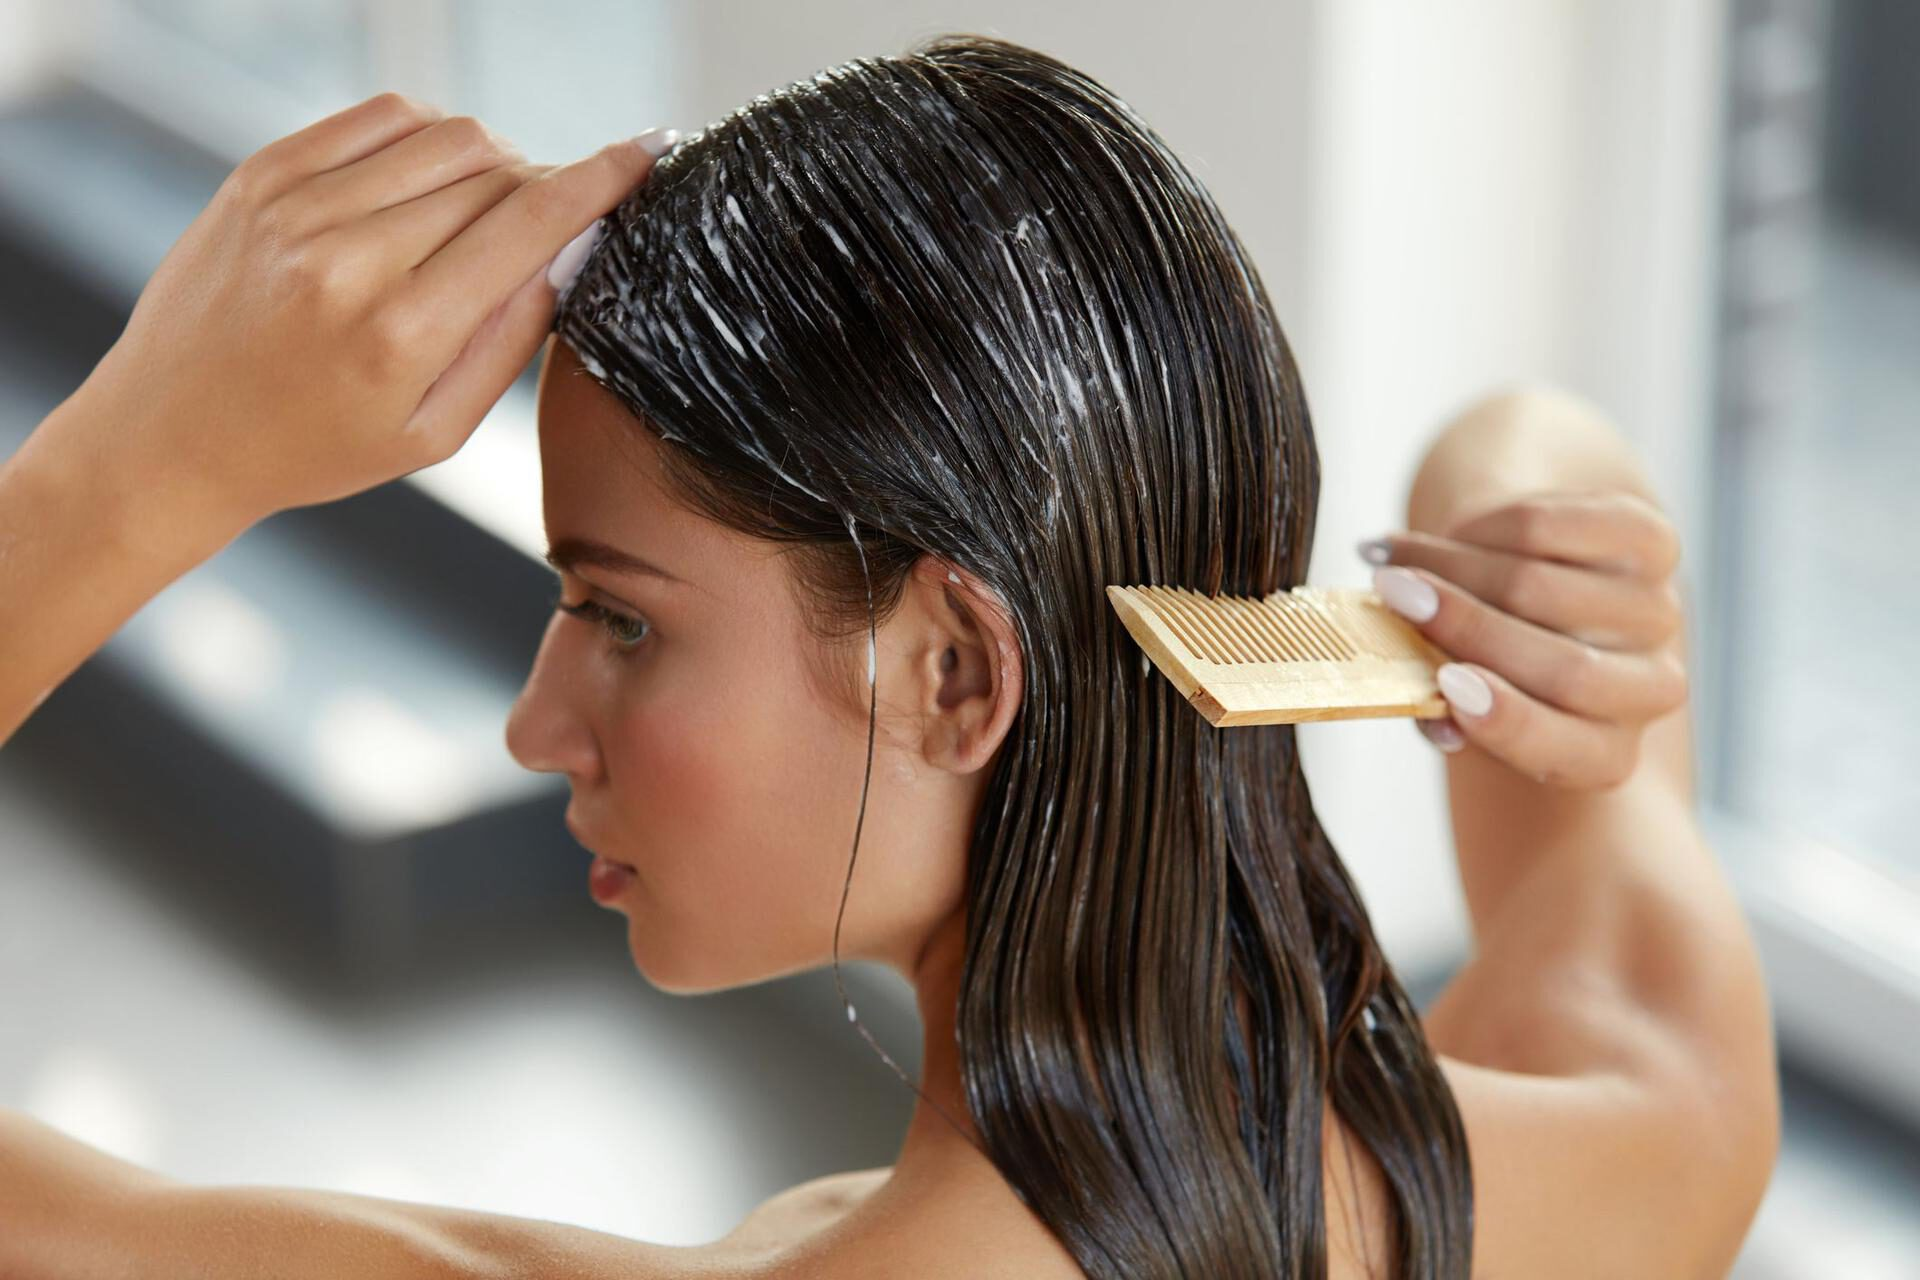 Jaki szampon do włosów wybrać?